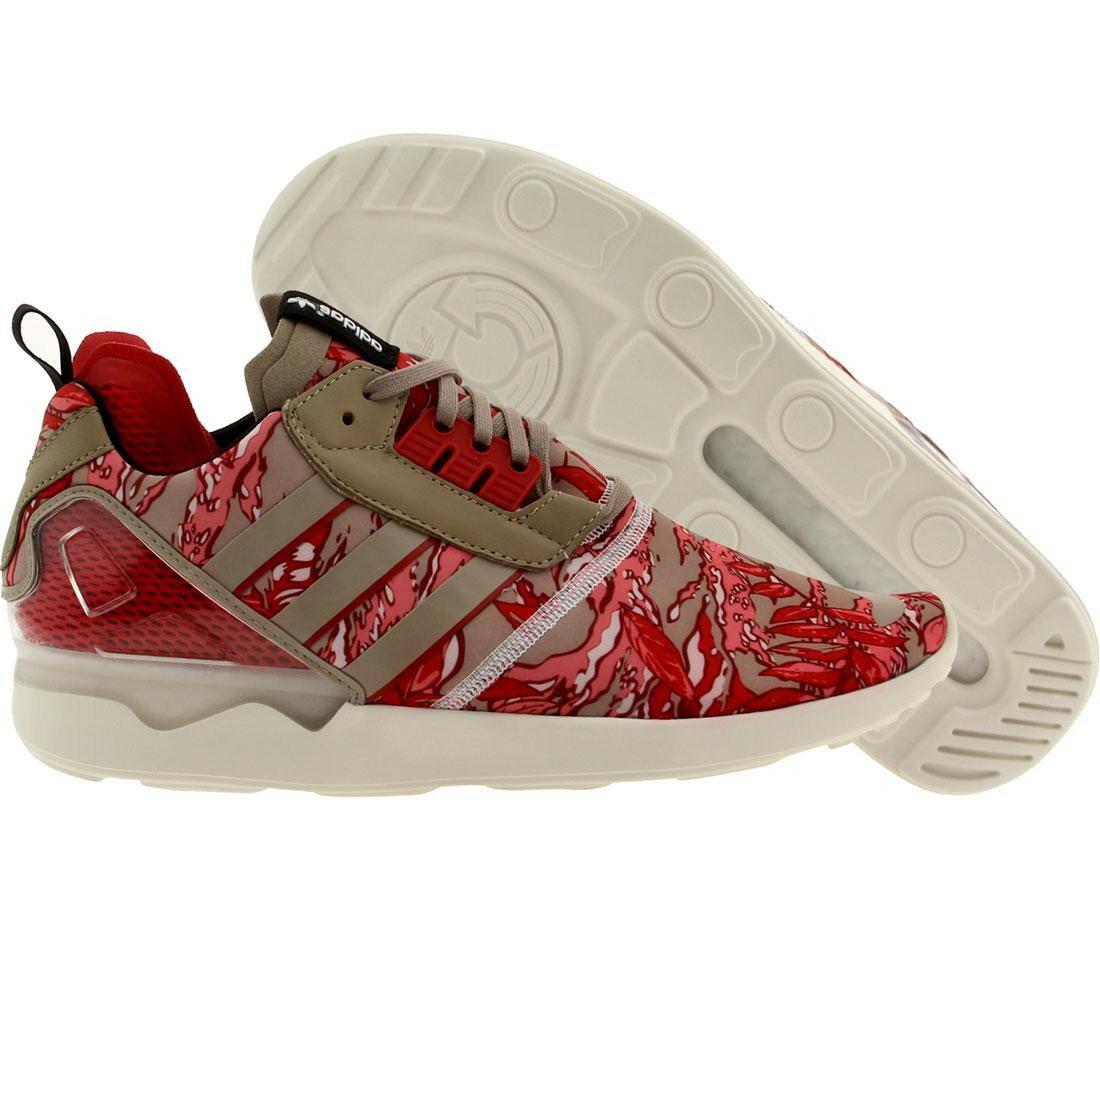 メンズ靴, スニーカー  RED ADIDAS MEN ZX 8000 BOOST PINK GRAY